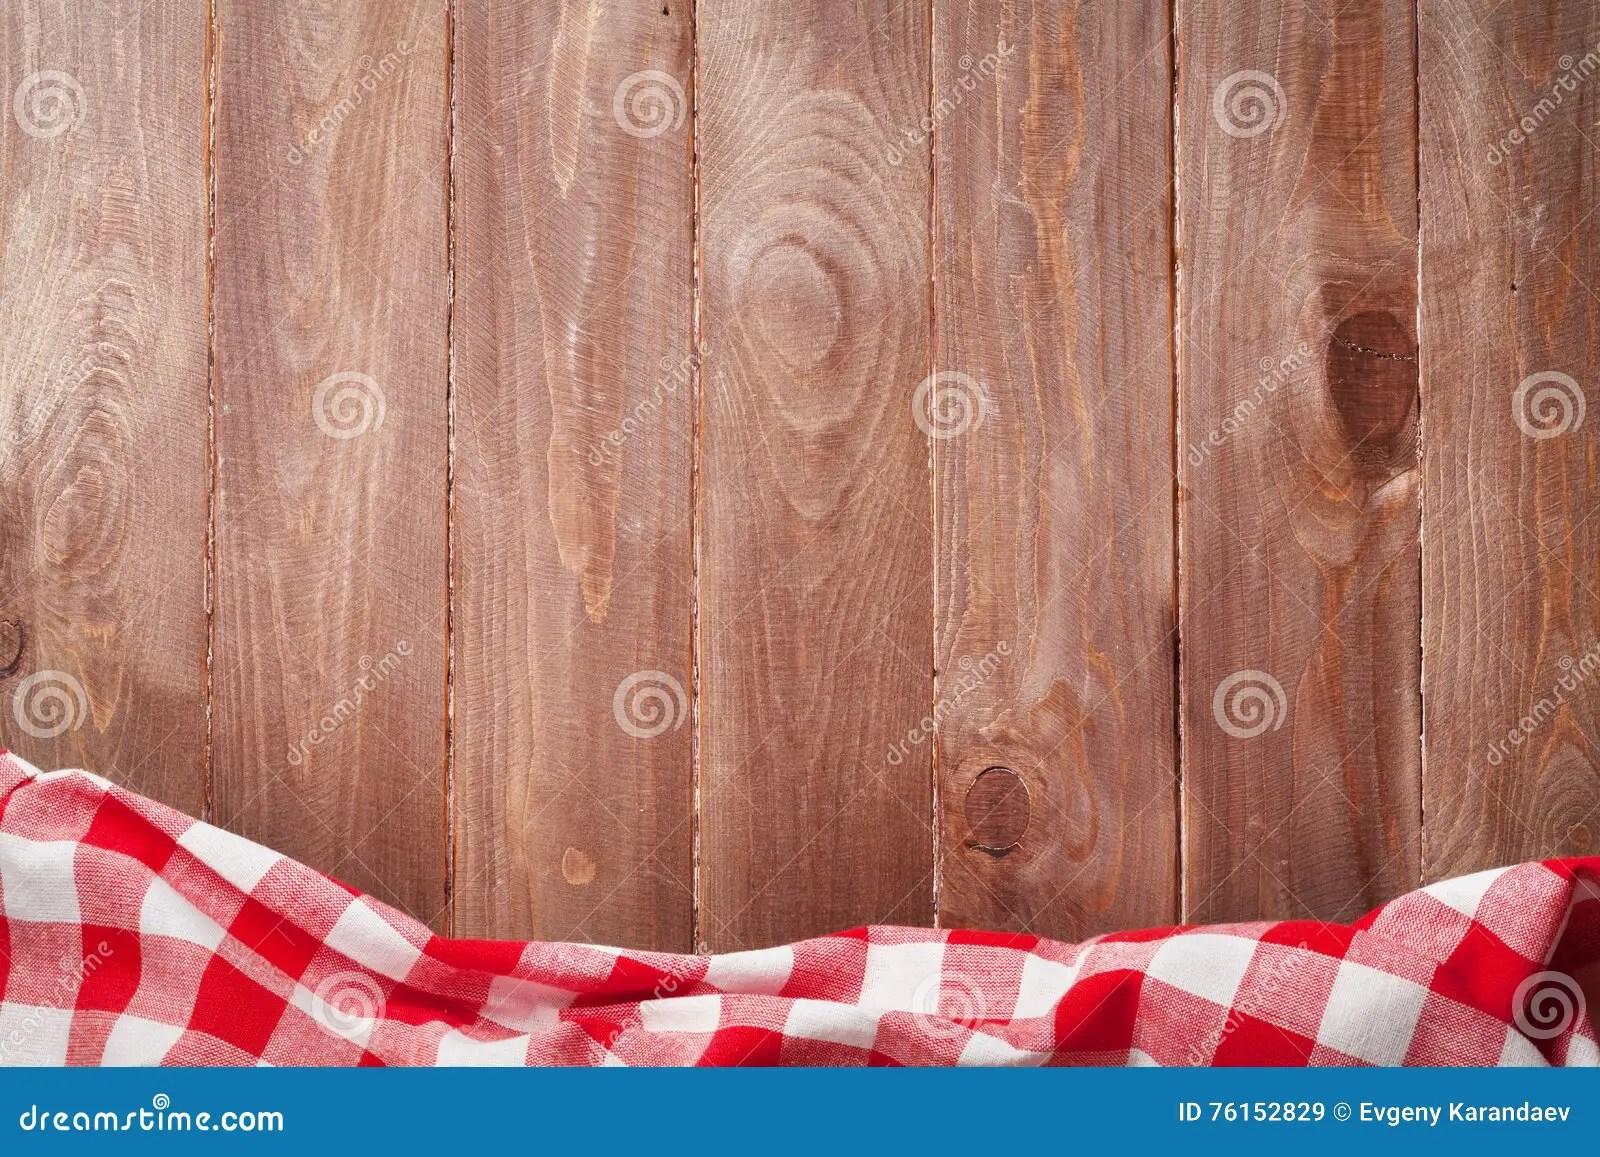 towel for kitchen how much to reface cabinets 与毛巾的厨房用桌库存图片 图片包括有厨房 食谱 布料 板条 纺织品 与毛巾的厨房用桌